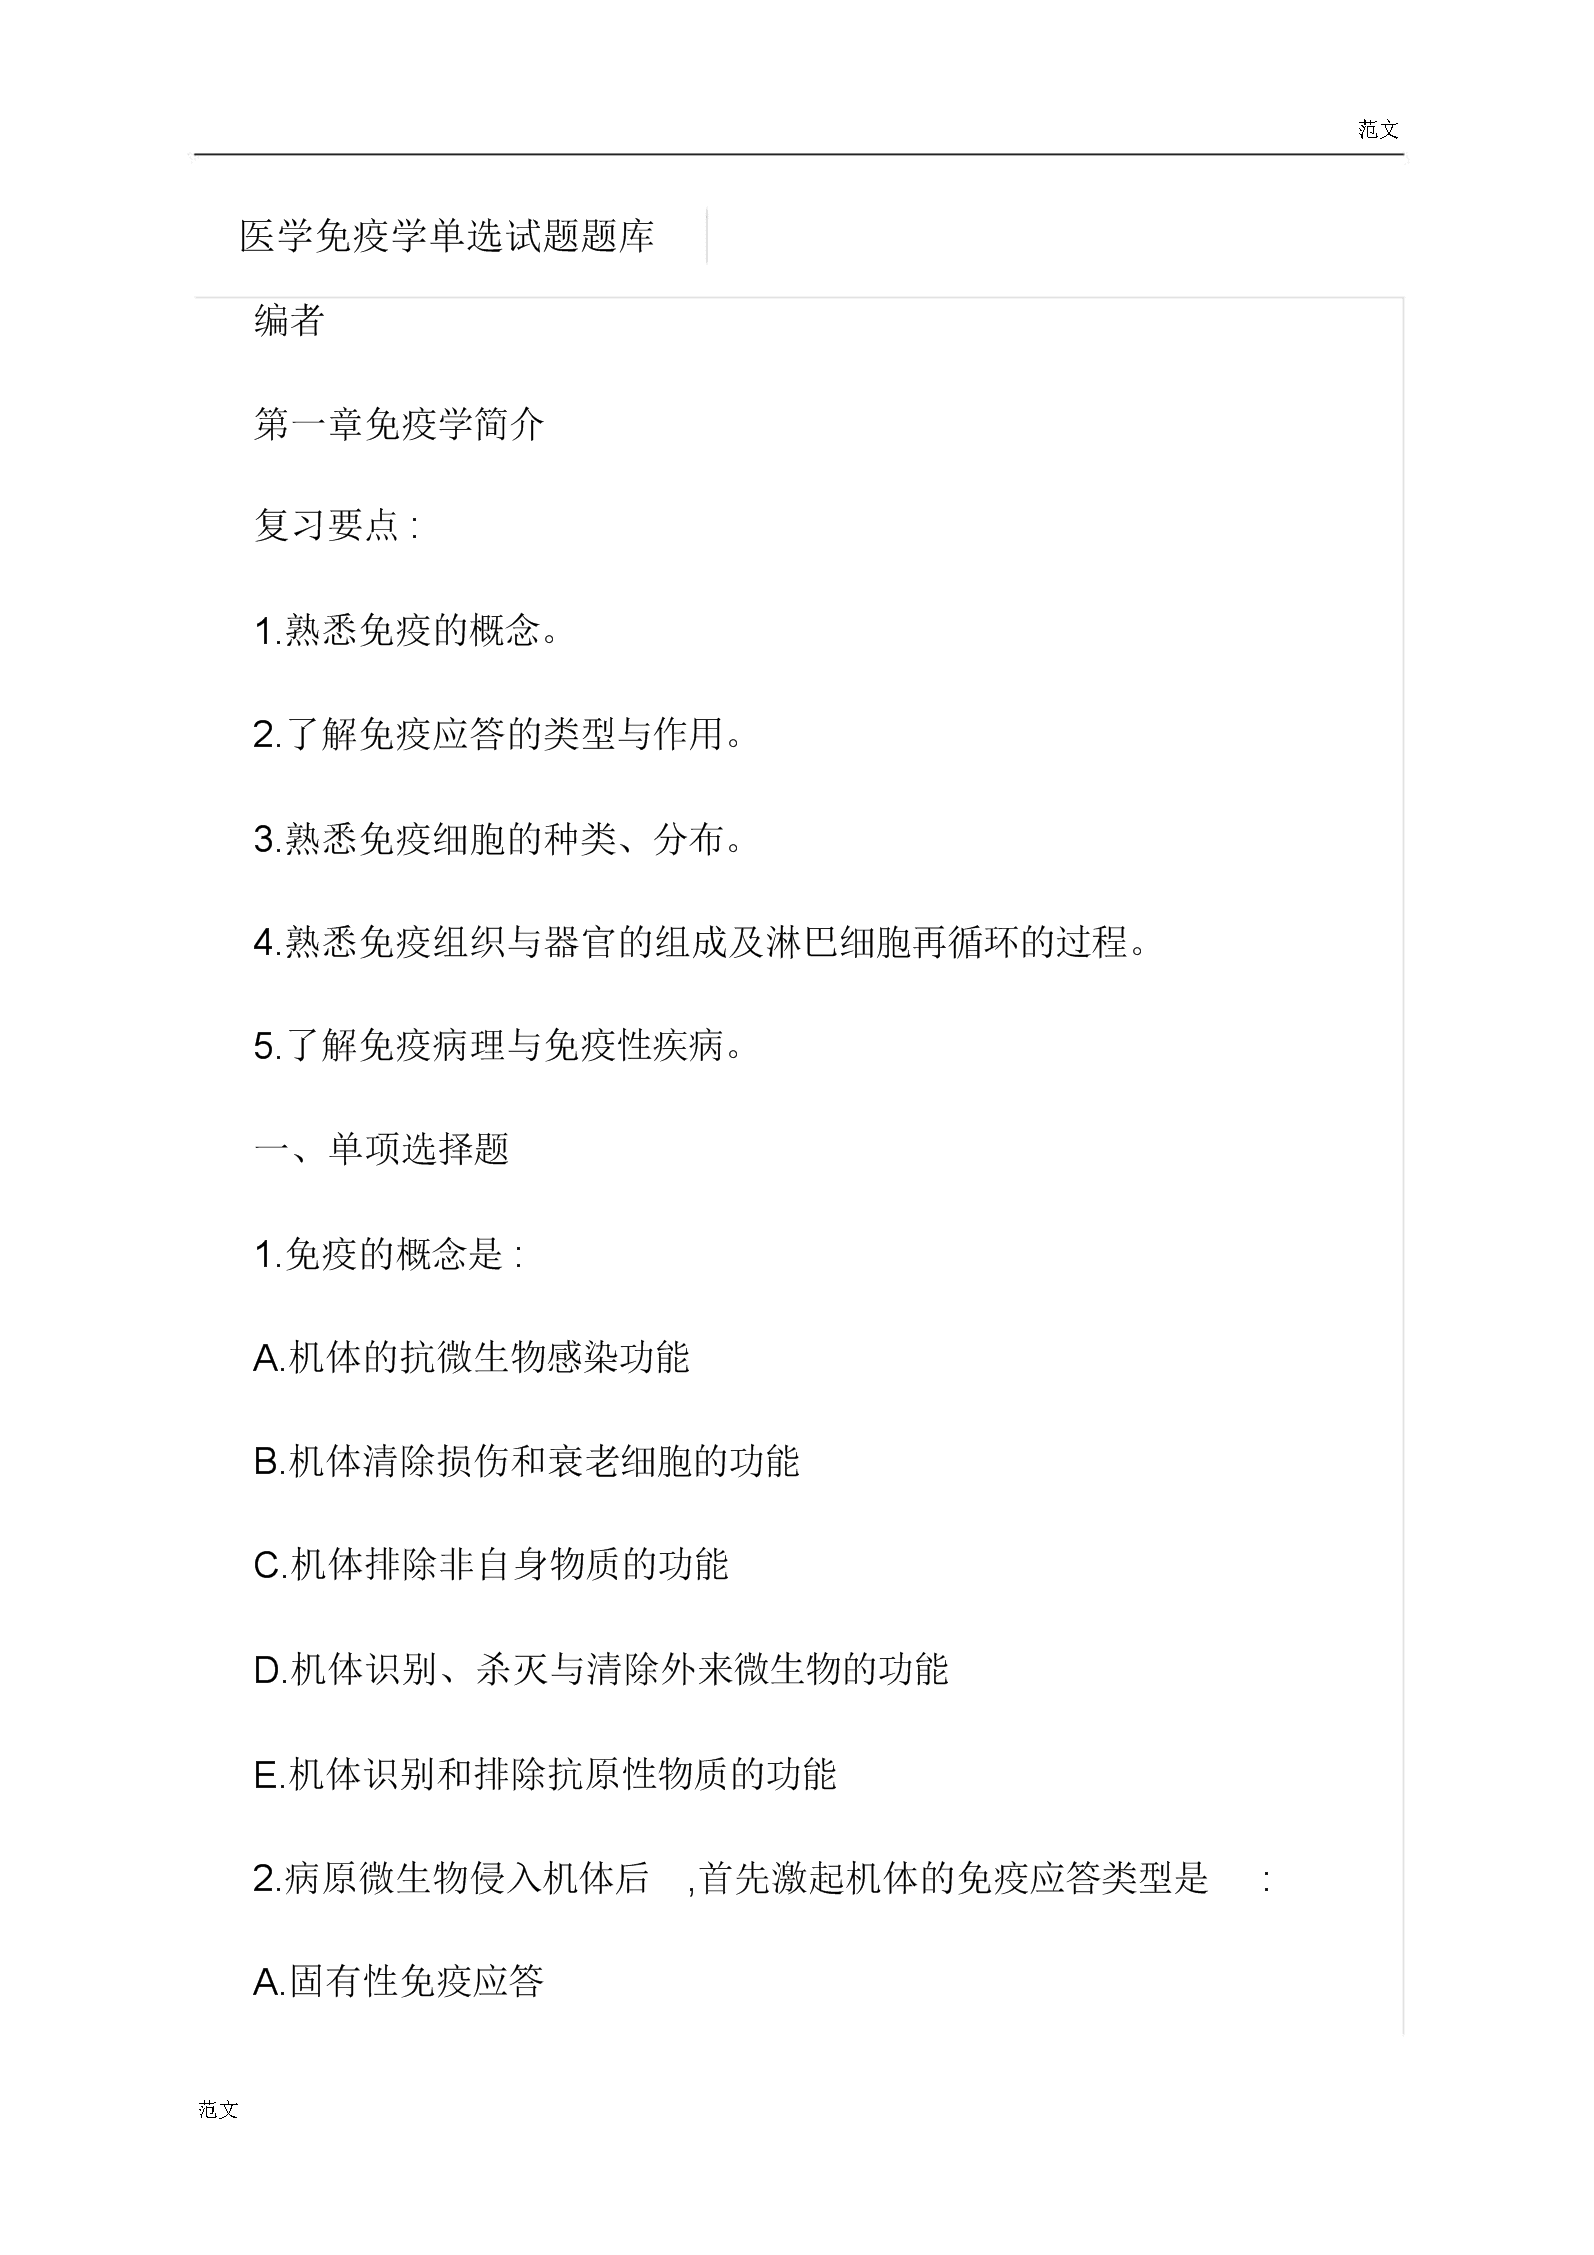 【范文】医学免疫学单选试题题库.doc